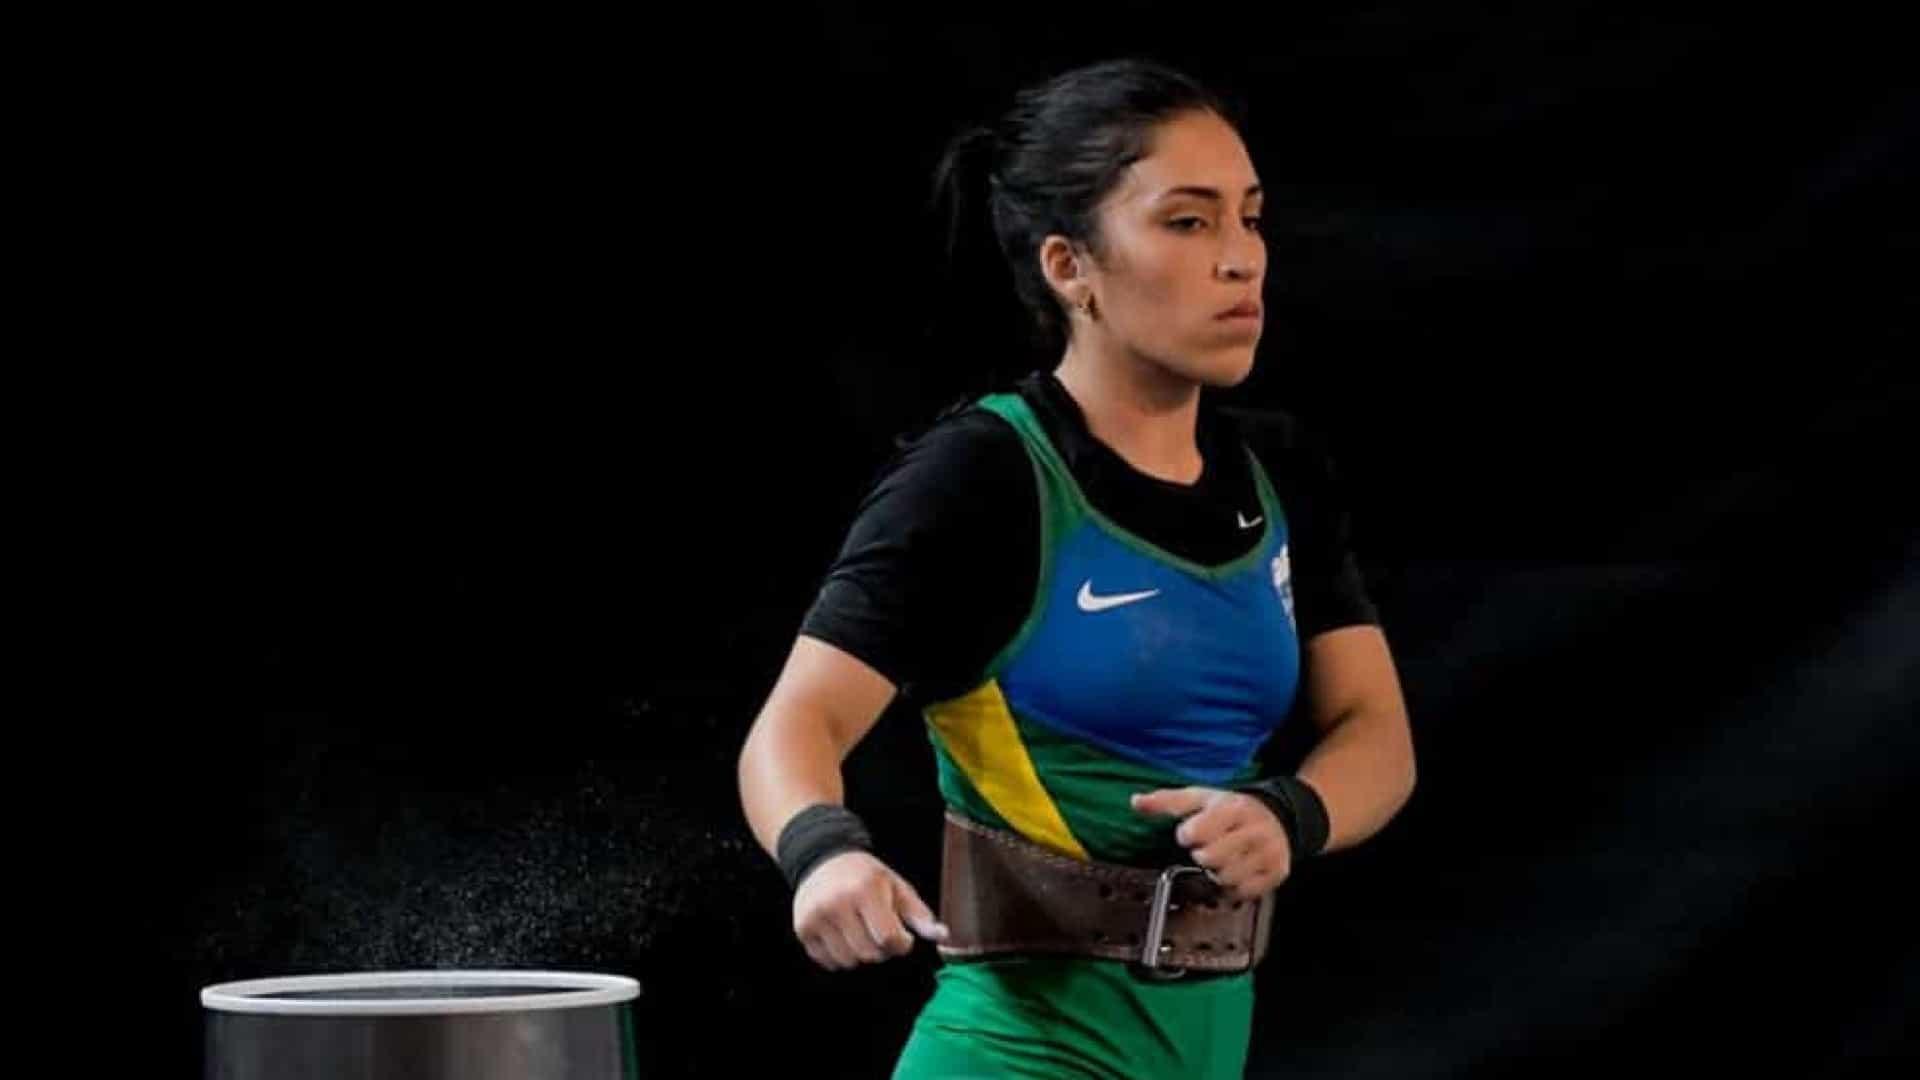 naom 609976fff1a67 - Brasileira do levantamento de peso é suspensa por doping e pode perder Olimpíada